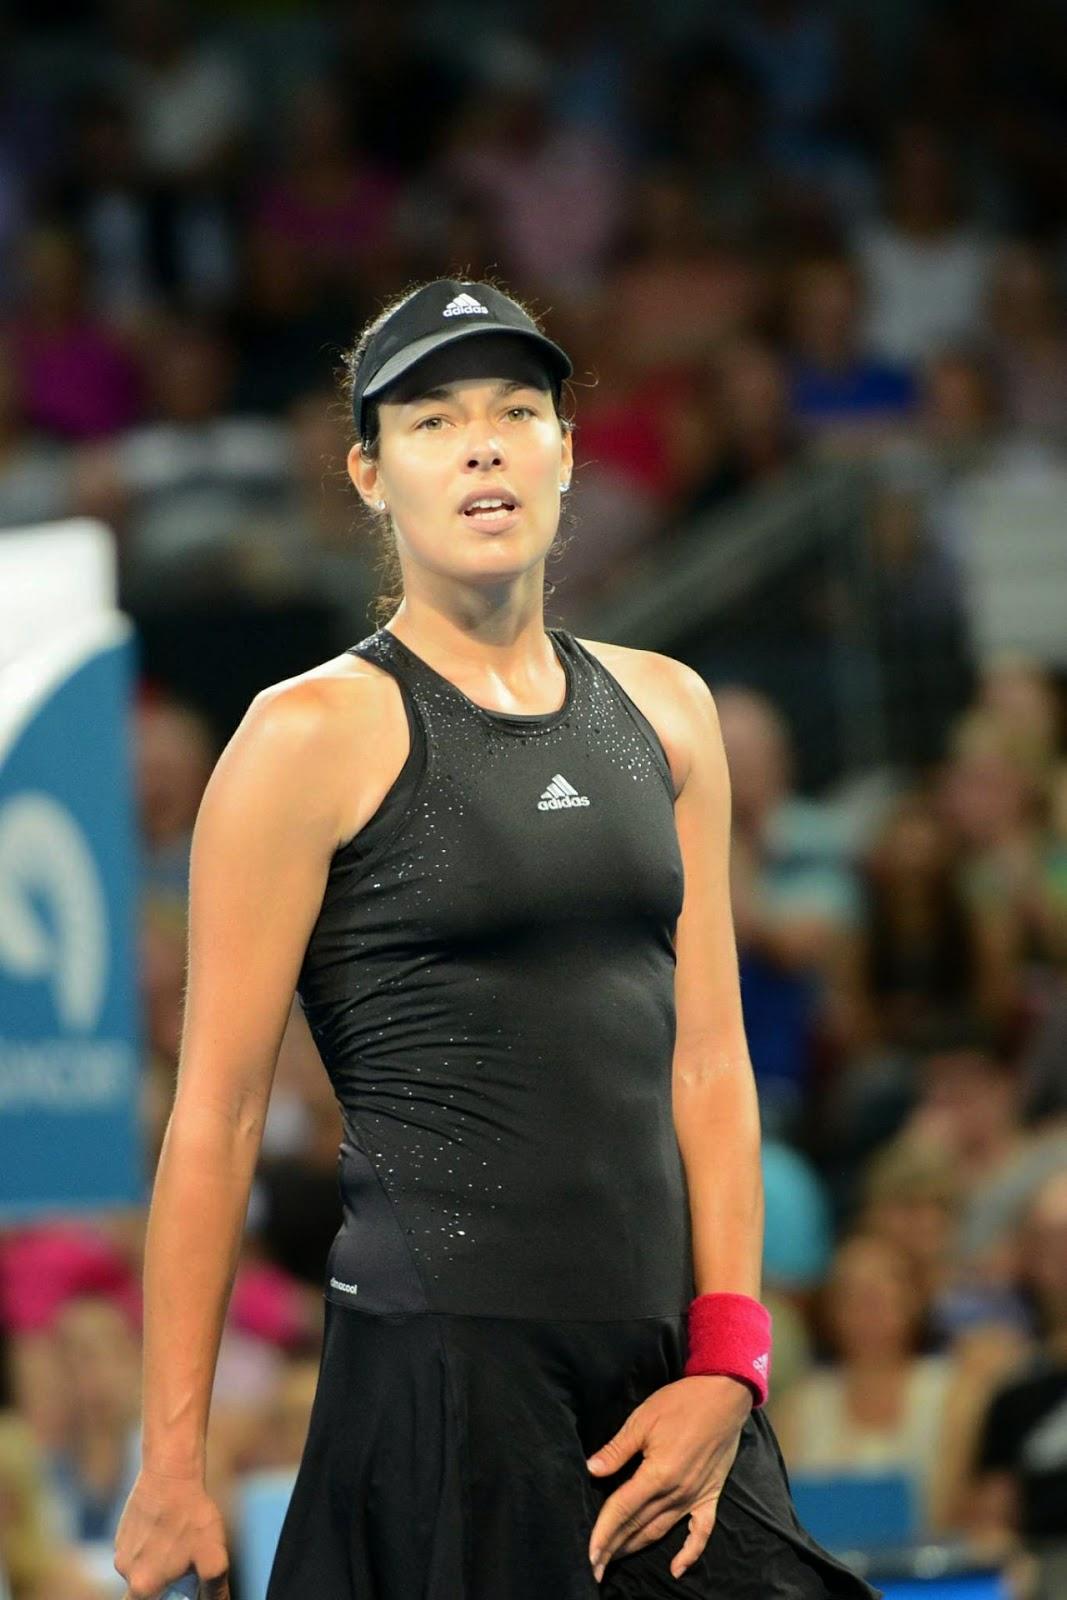 صور لاعبة التنس الصربية آنا ايفانوفيتش خلال بطولة بريسبان الدولية نصف النهائي